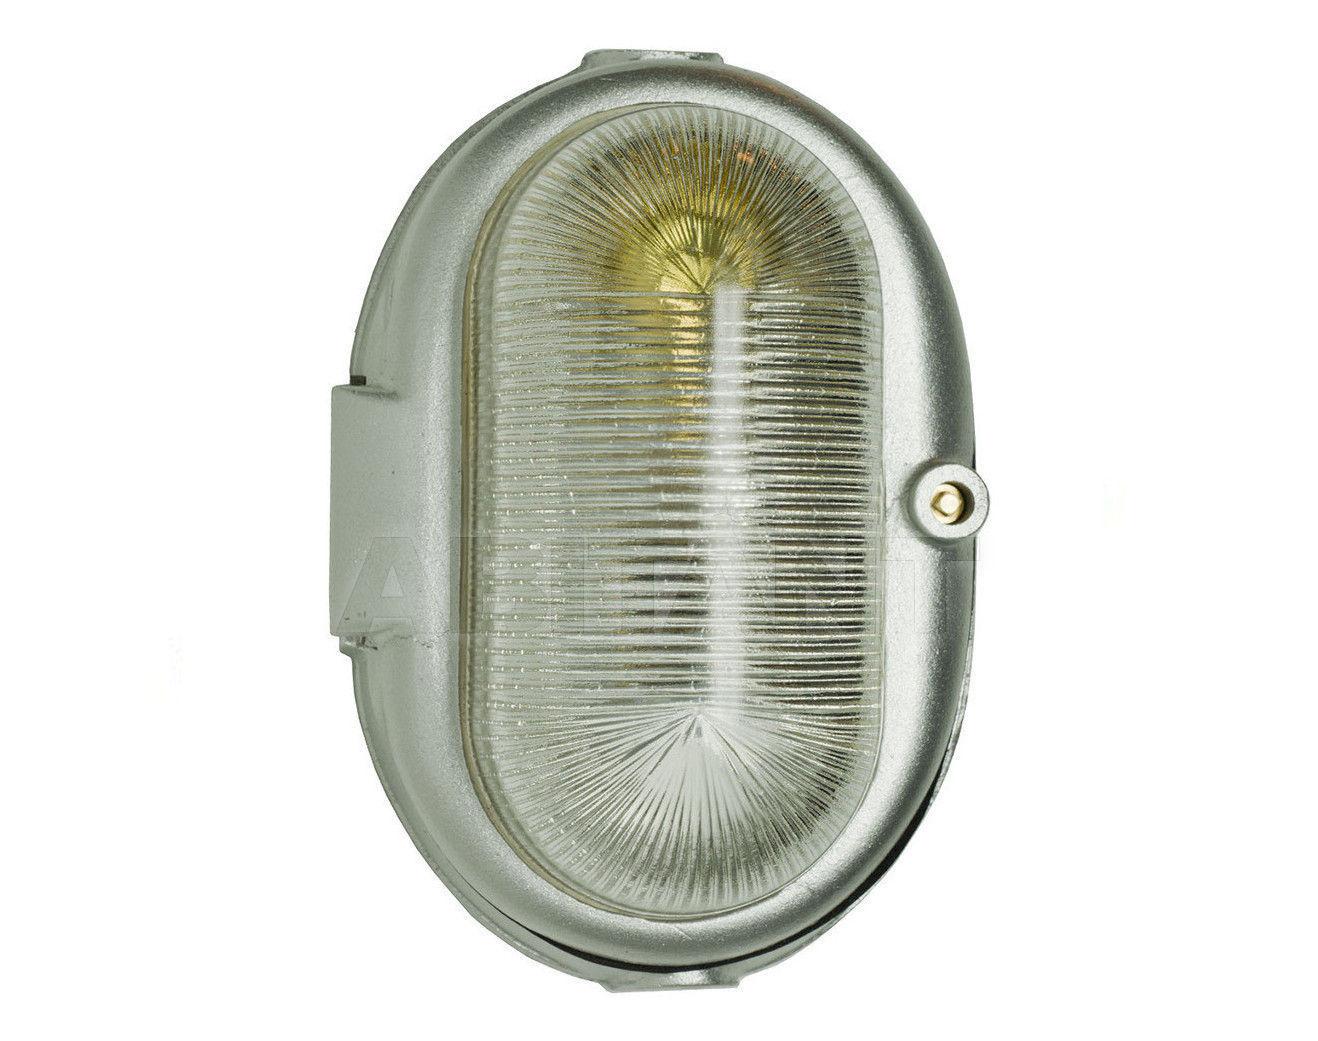 Купить Светильник Davey Lighting Bulkhead Lights 7527/AL/G24/13W